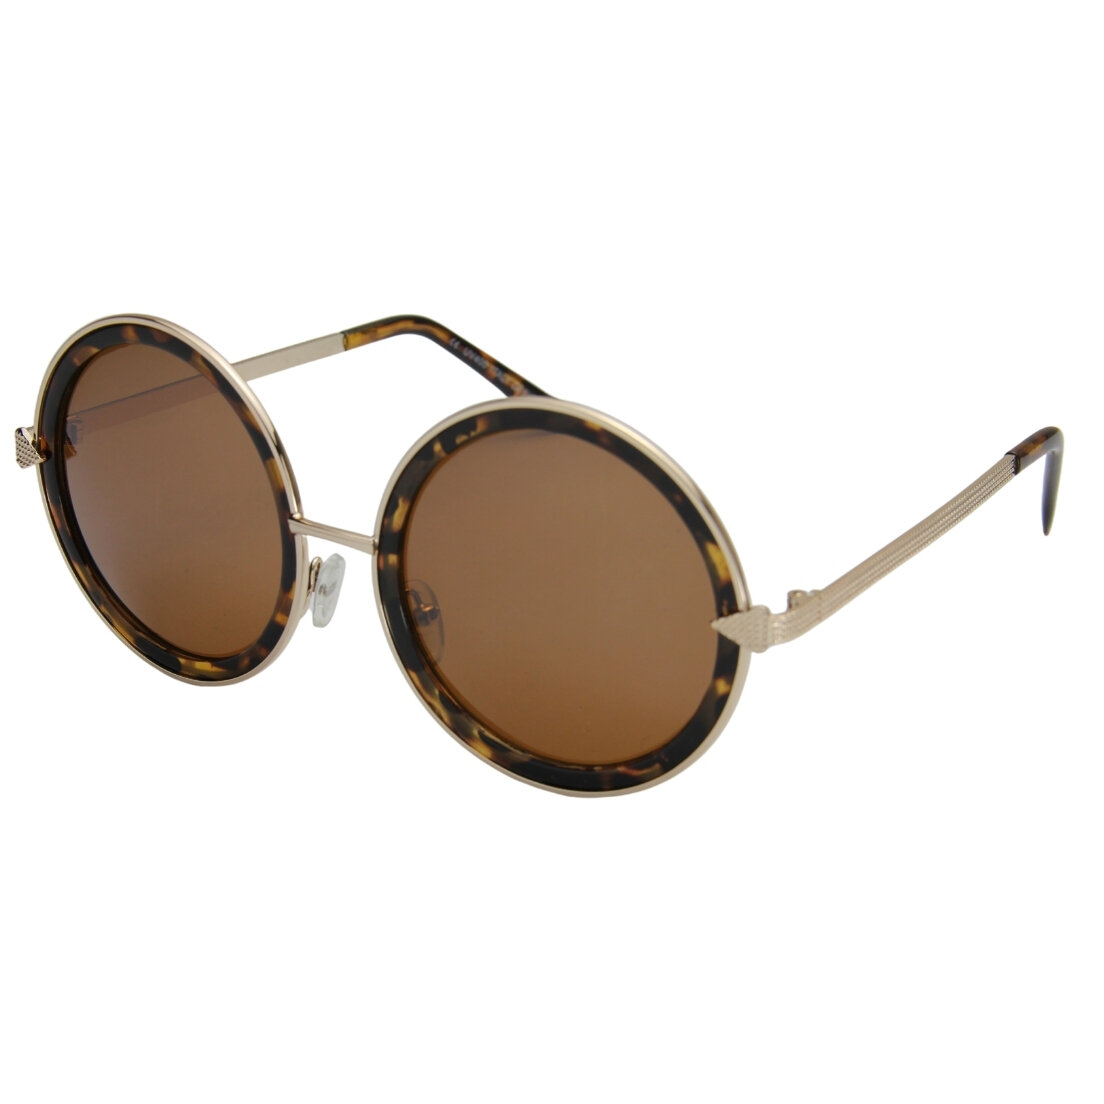 OUTLET - Óculos de Sol Khatto Retrô Round Vintage